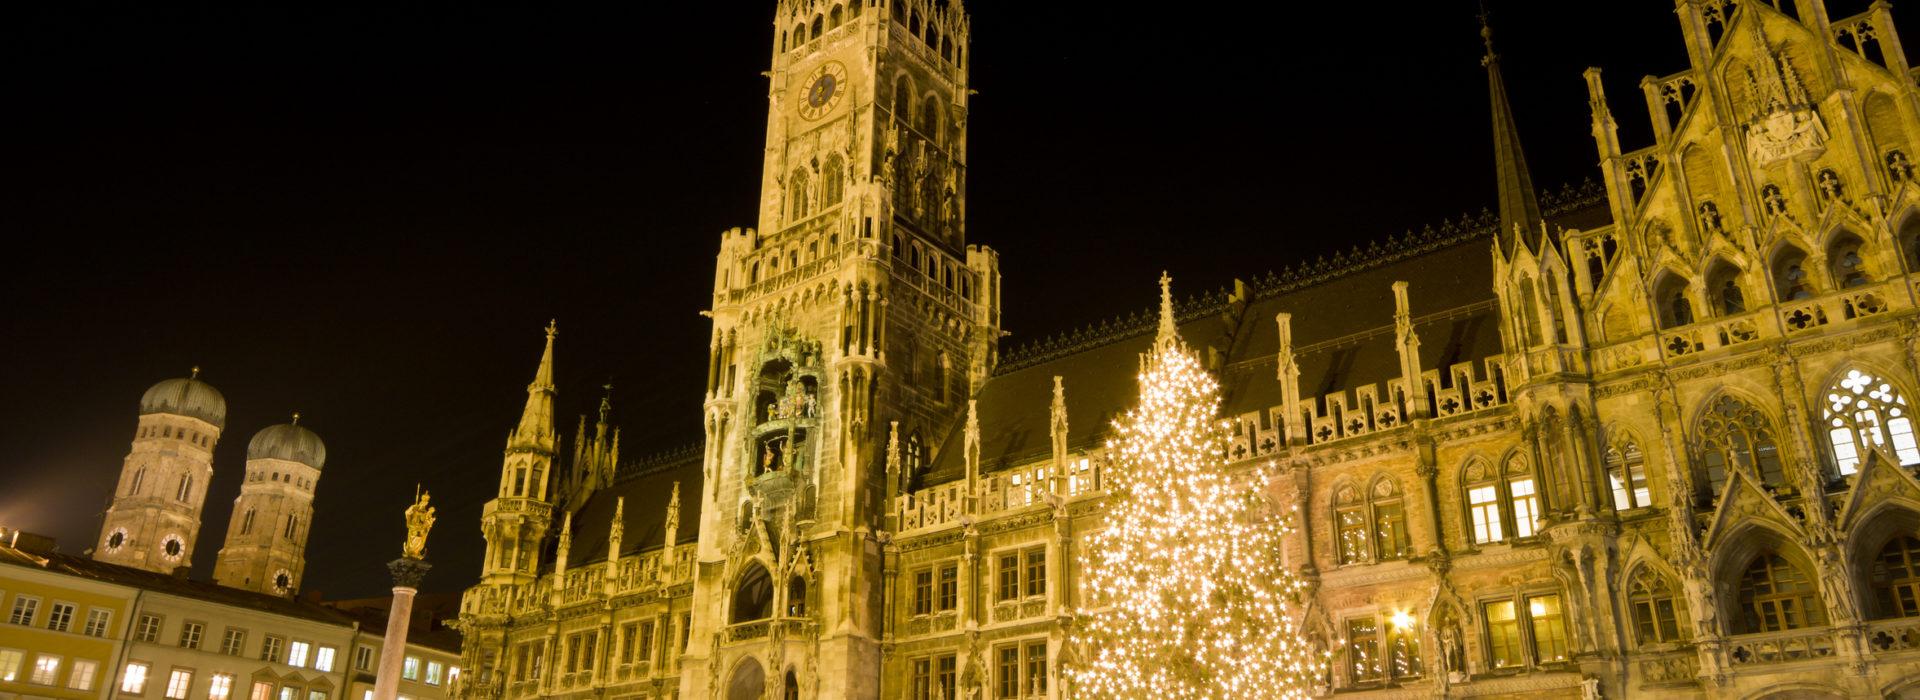 München Weihnachtsmarkt.Weihnachtsmarkt München Weiss Reisen Reisebüro In Vorarlberg